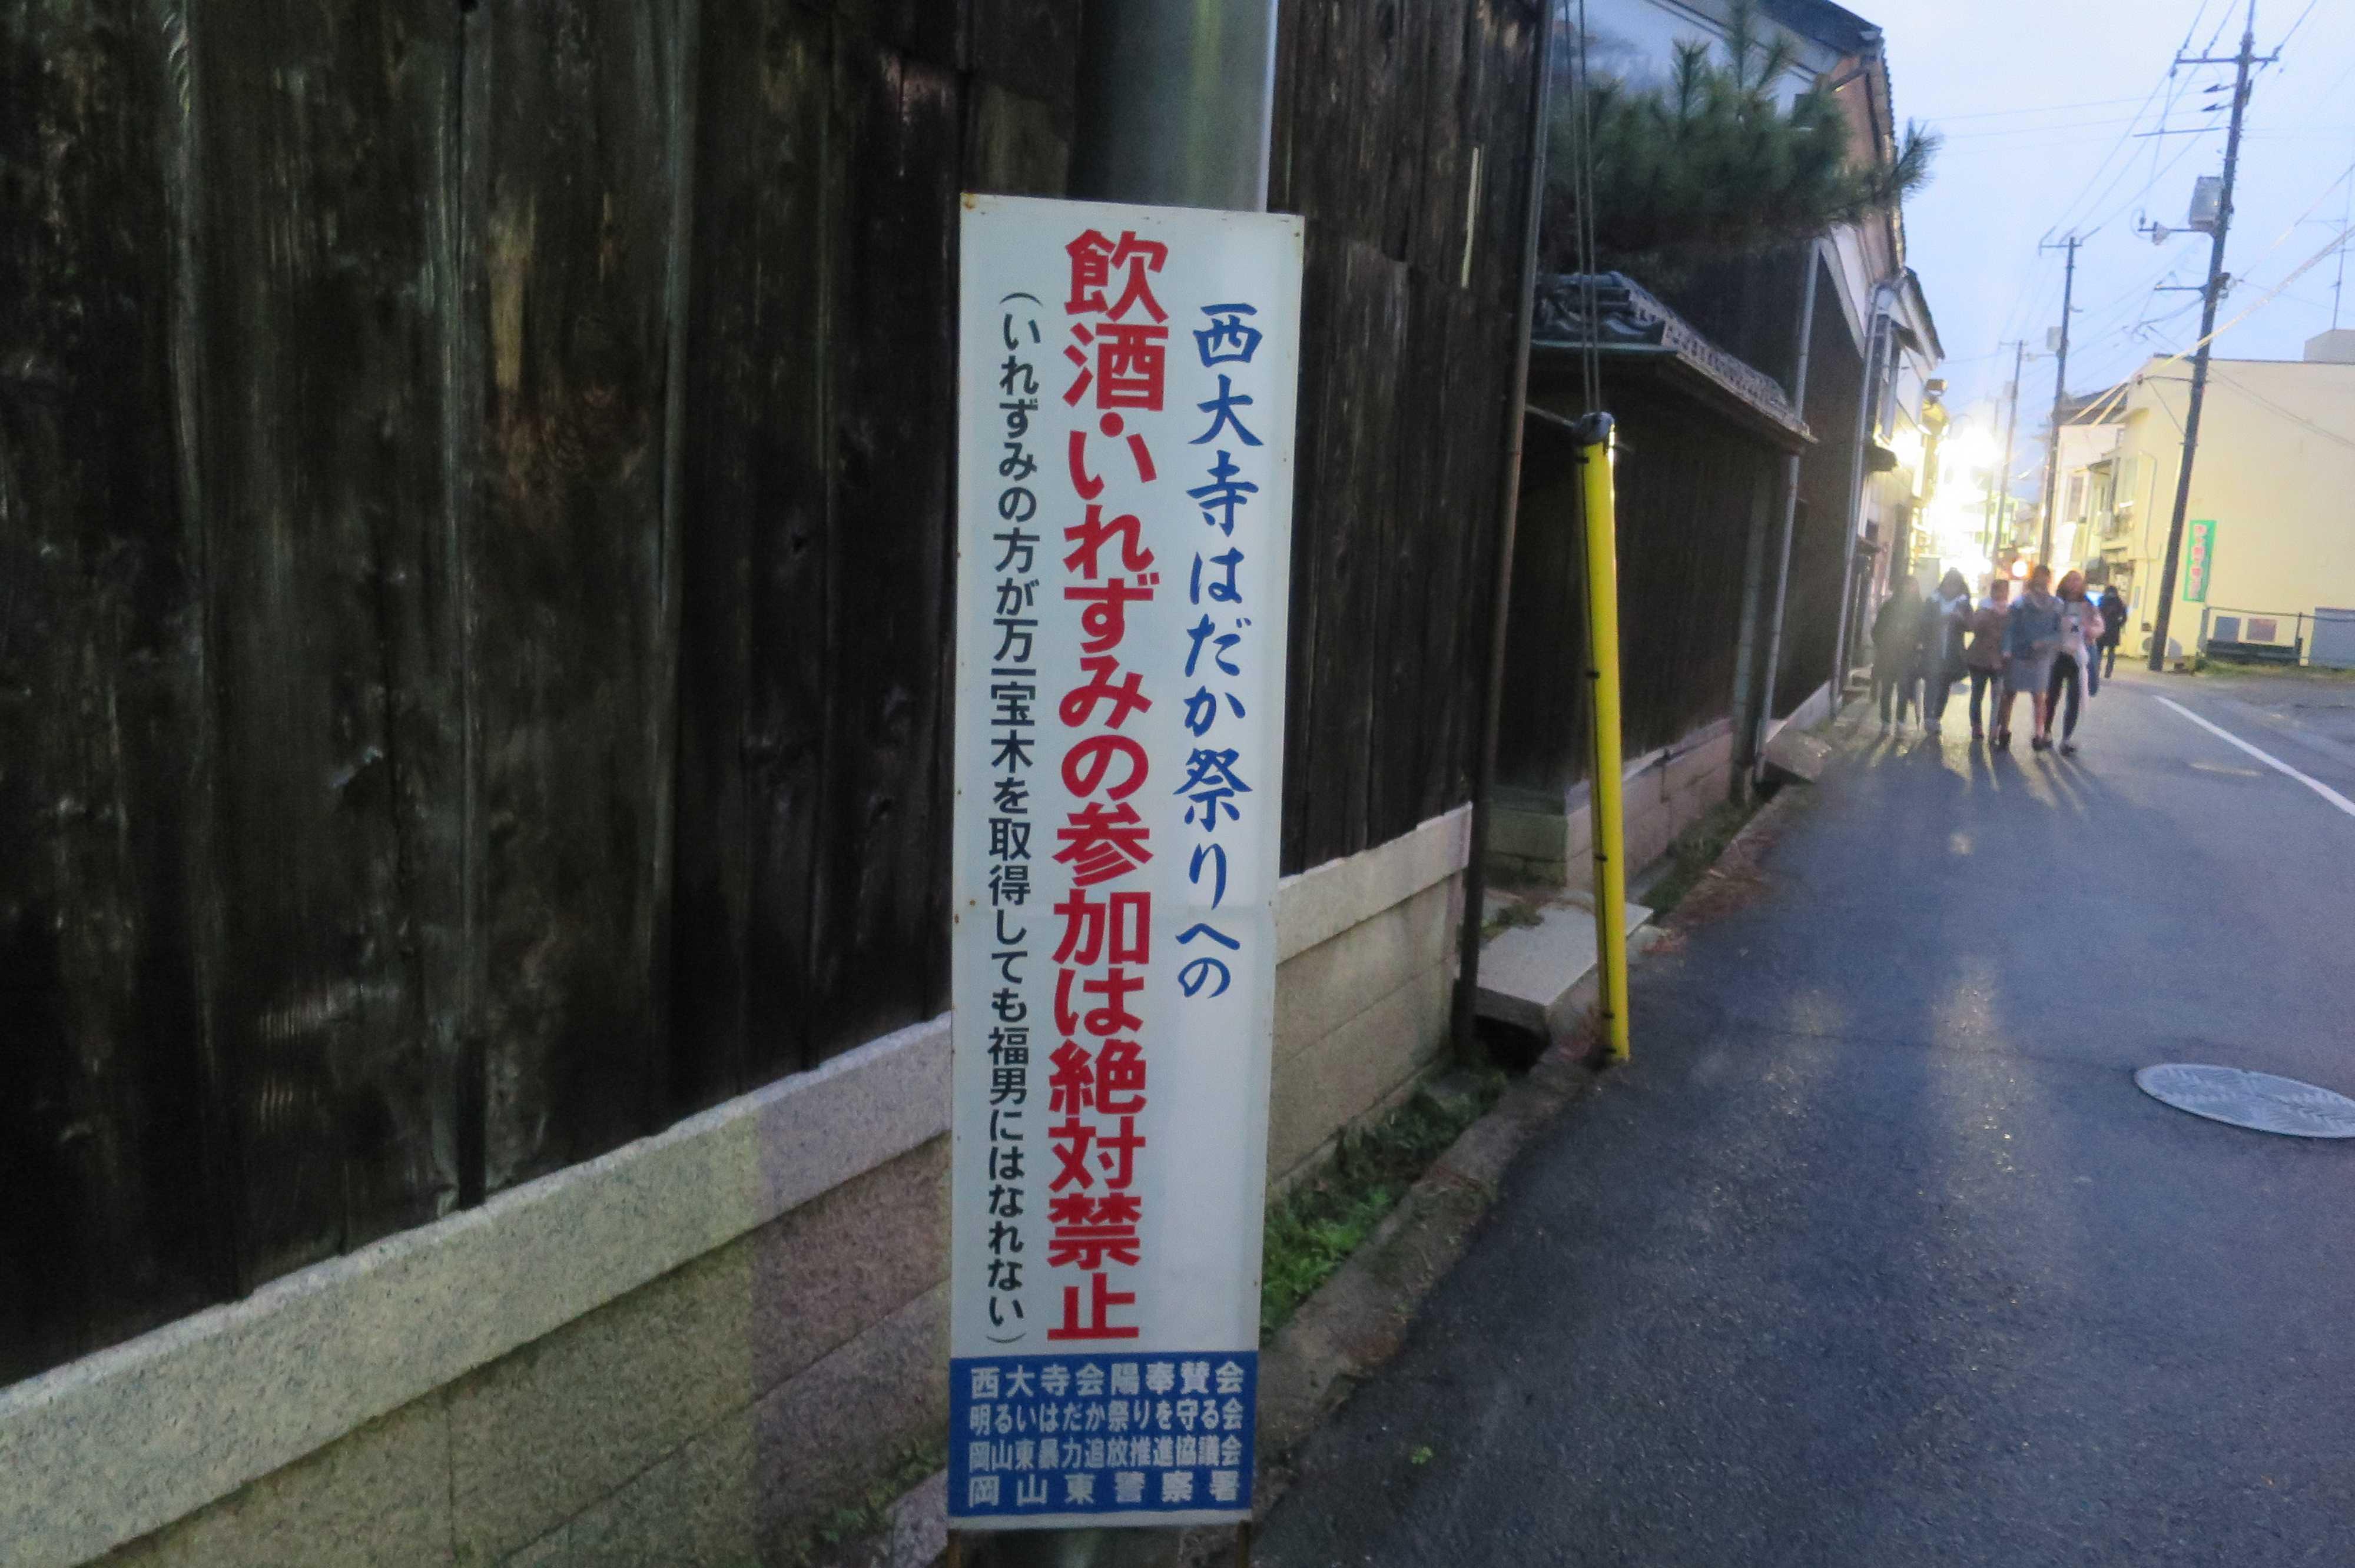 西大寺はだか祭りへの飲酒・いれずみの参加は絶対禁止